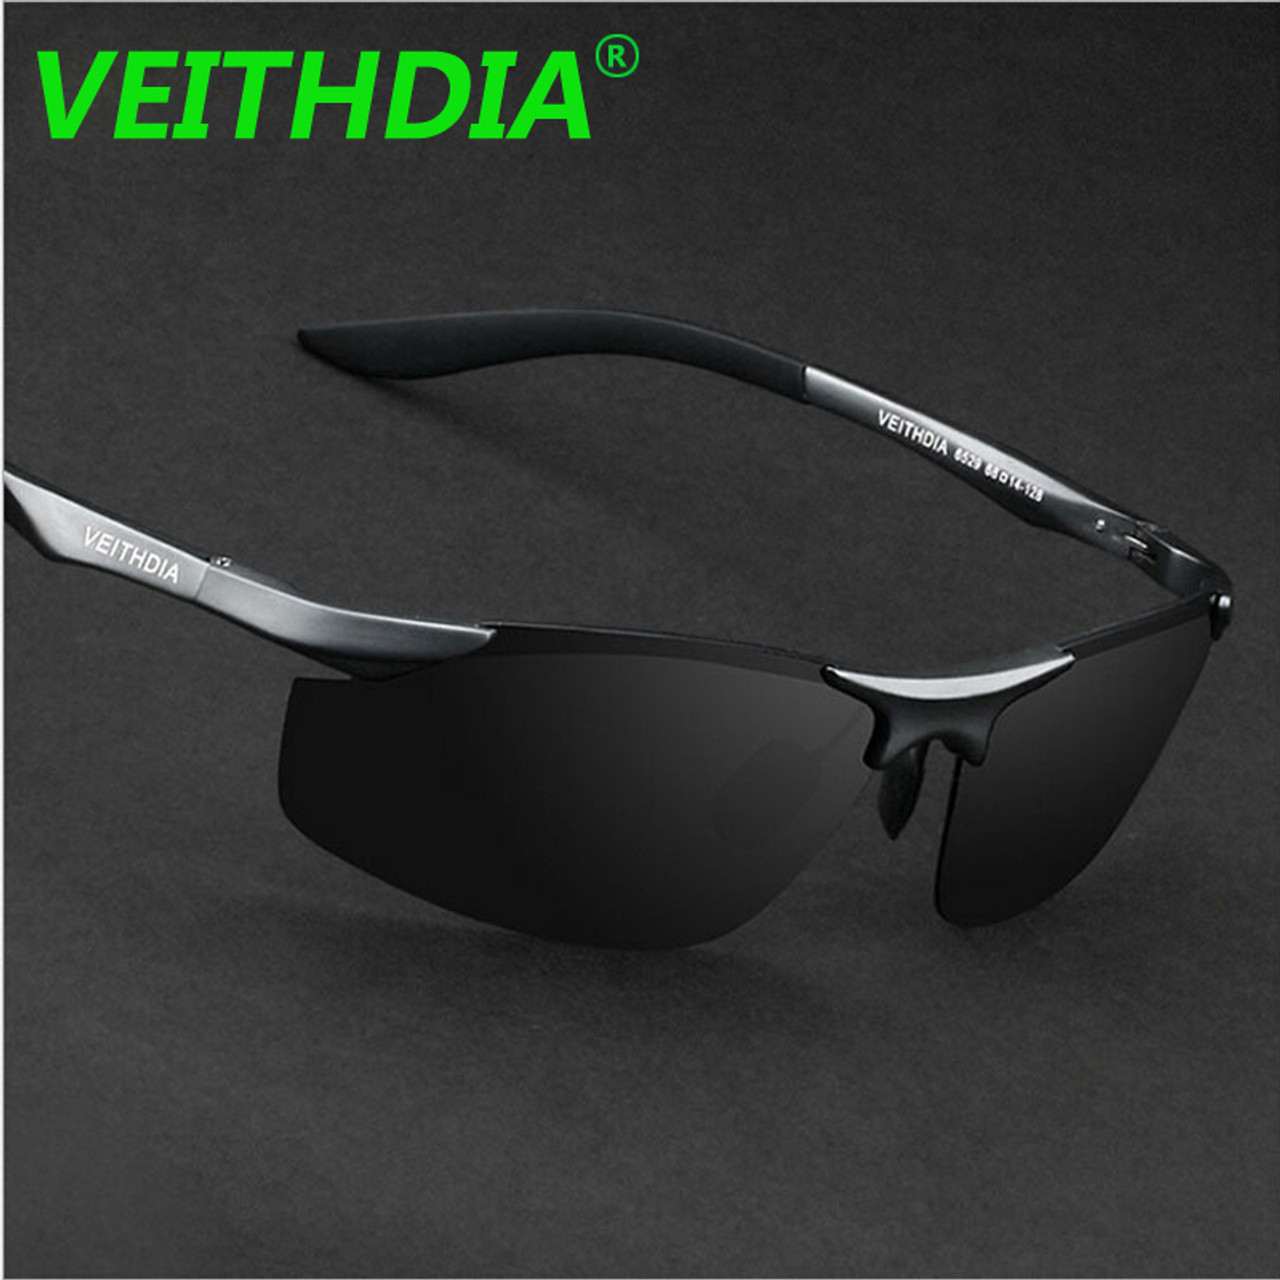 2c76cf4b20 ... VEITHDIA Aluminum Magnesium Brand Designer Polarized Sunglasses Men  Glasses Driving Glasses Summer 2017 Eyewear Accessories 6529 ...